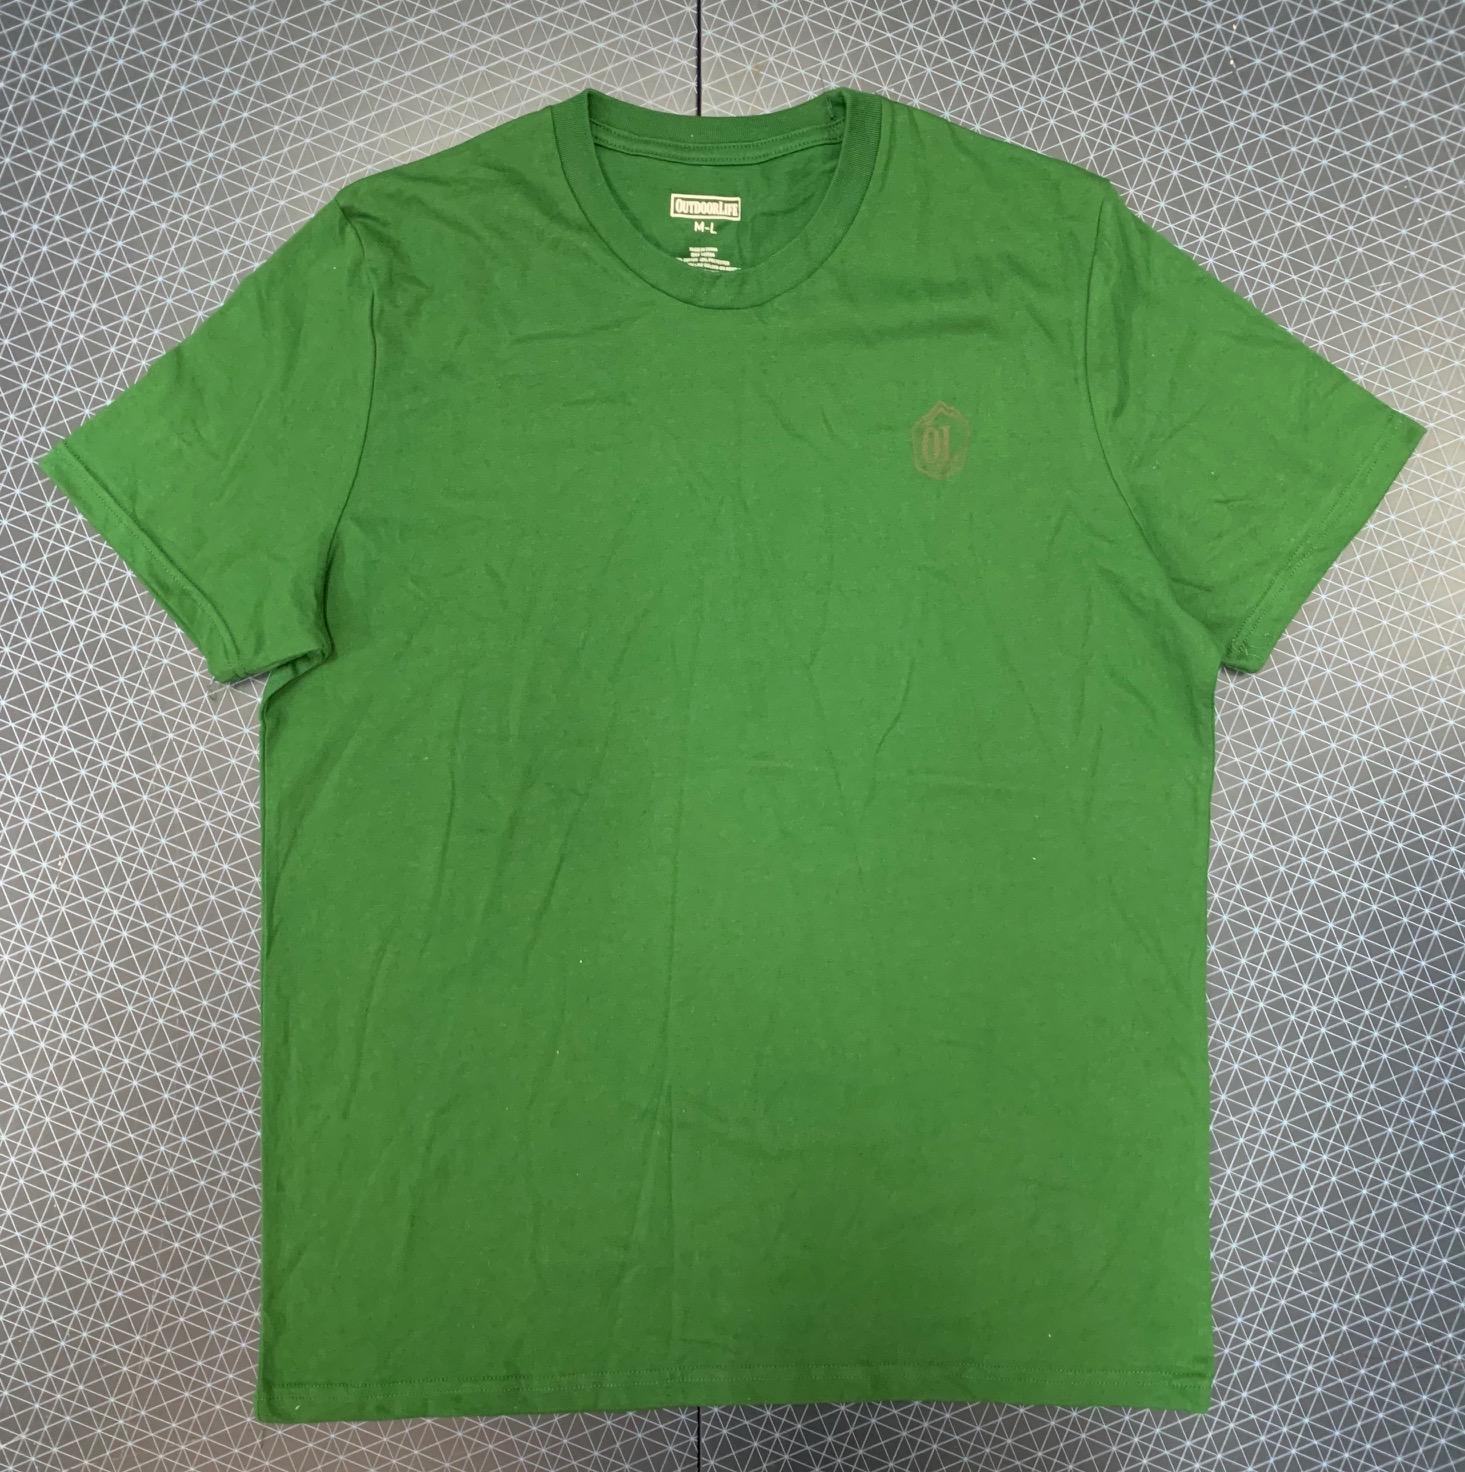 Темно-зеленая мужская футболка Outdoor life